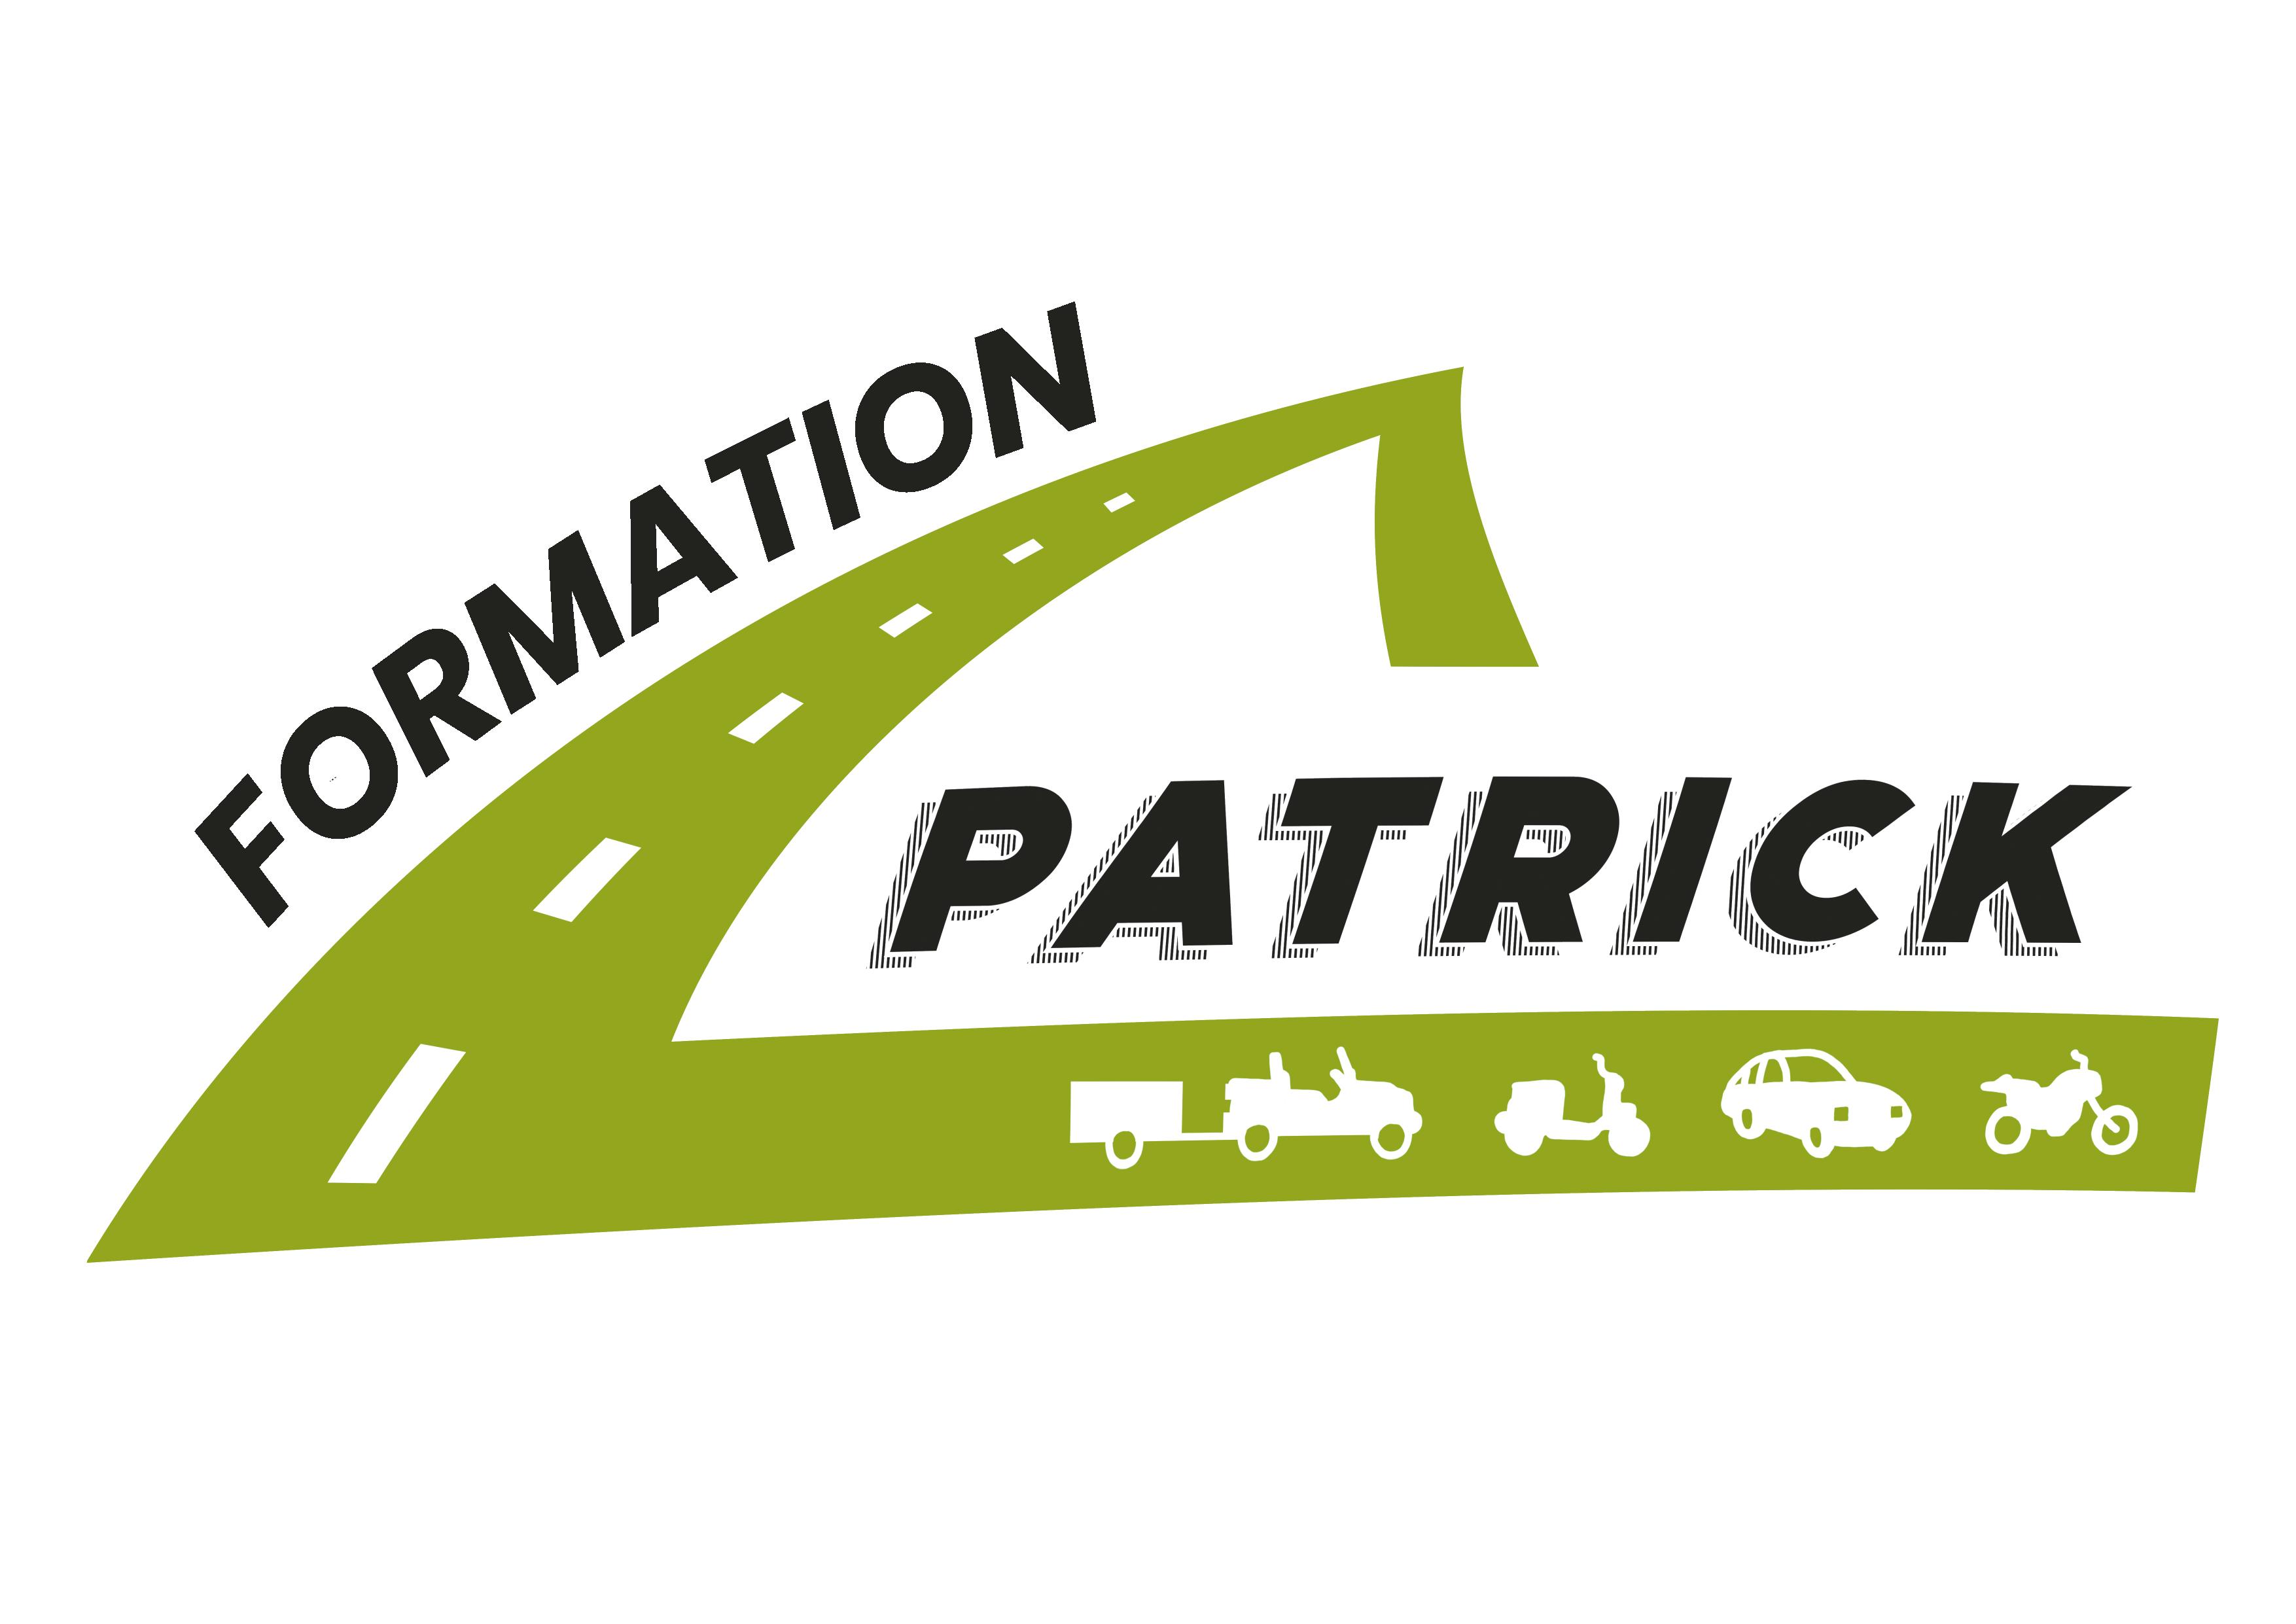 Obtenez votre permis pro dans notre centre de formation routière près de Lyon